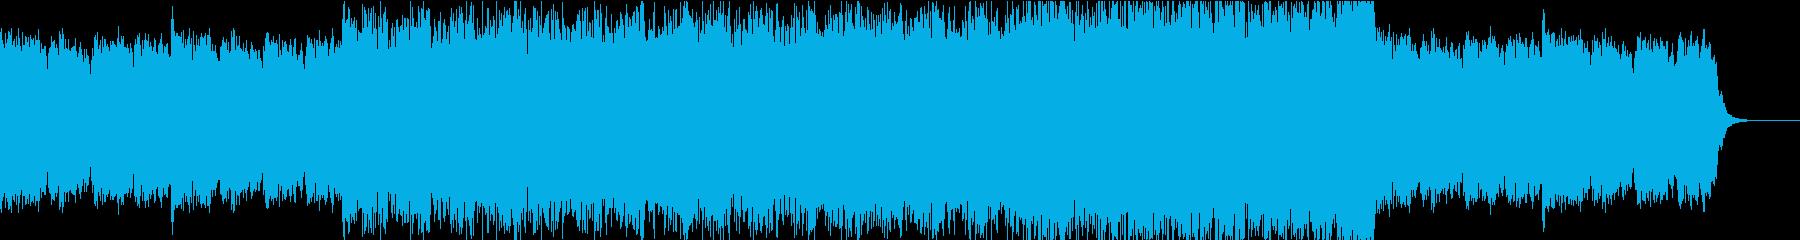 厳かな音像に疾走感を重ねたBGMの再生済みの波形